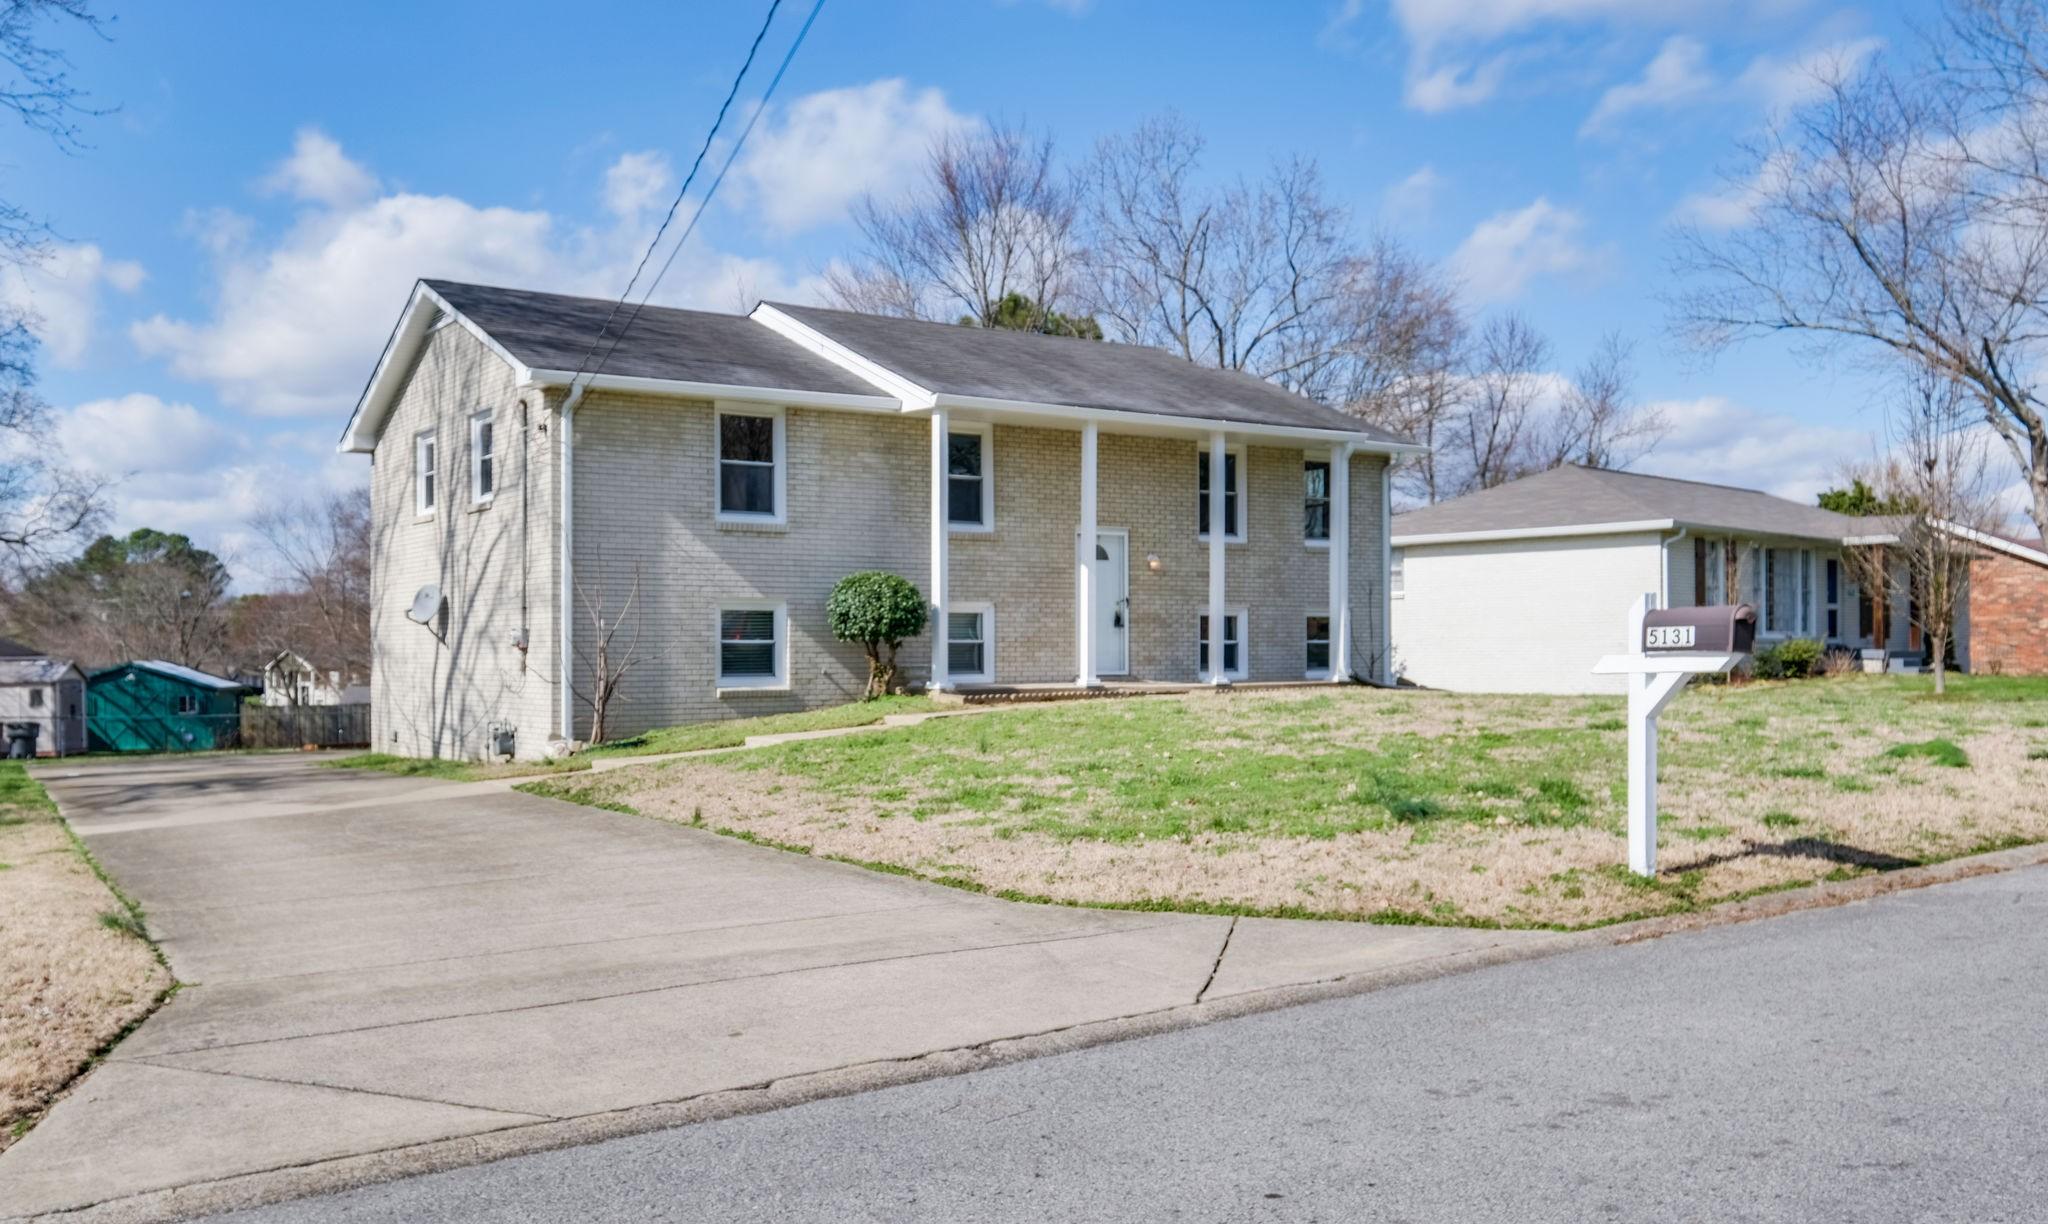 5131 Brucewood Dr, Nashville, TN 37211 - Nashville, TN real estate listing